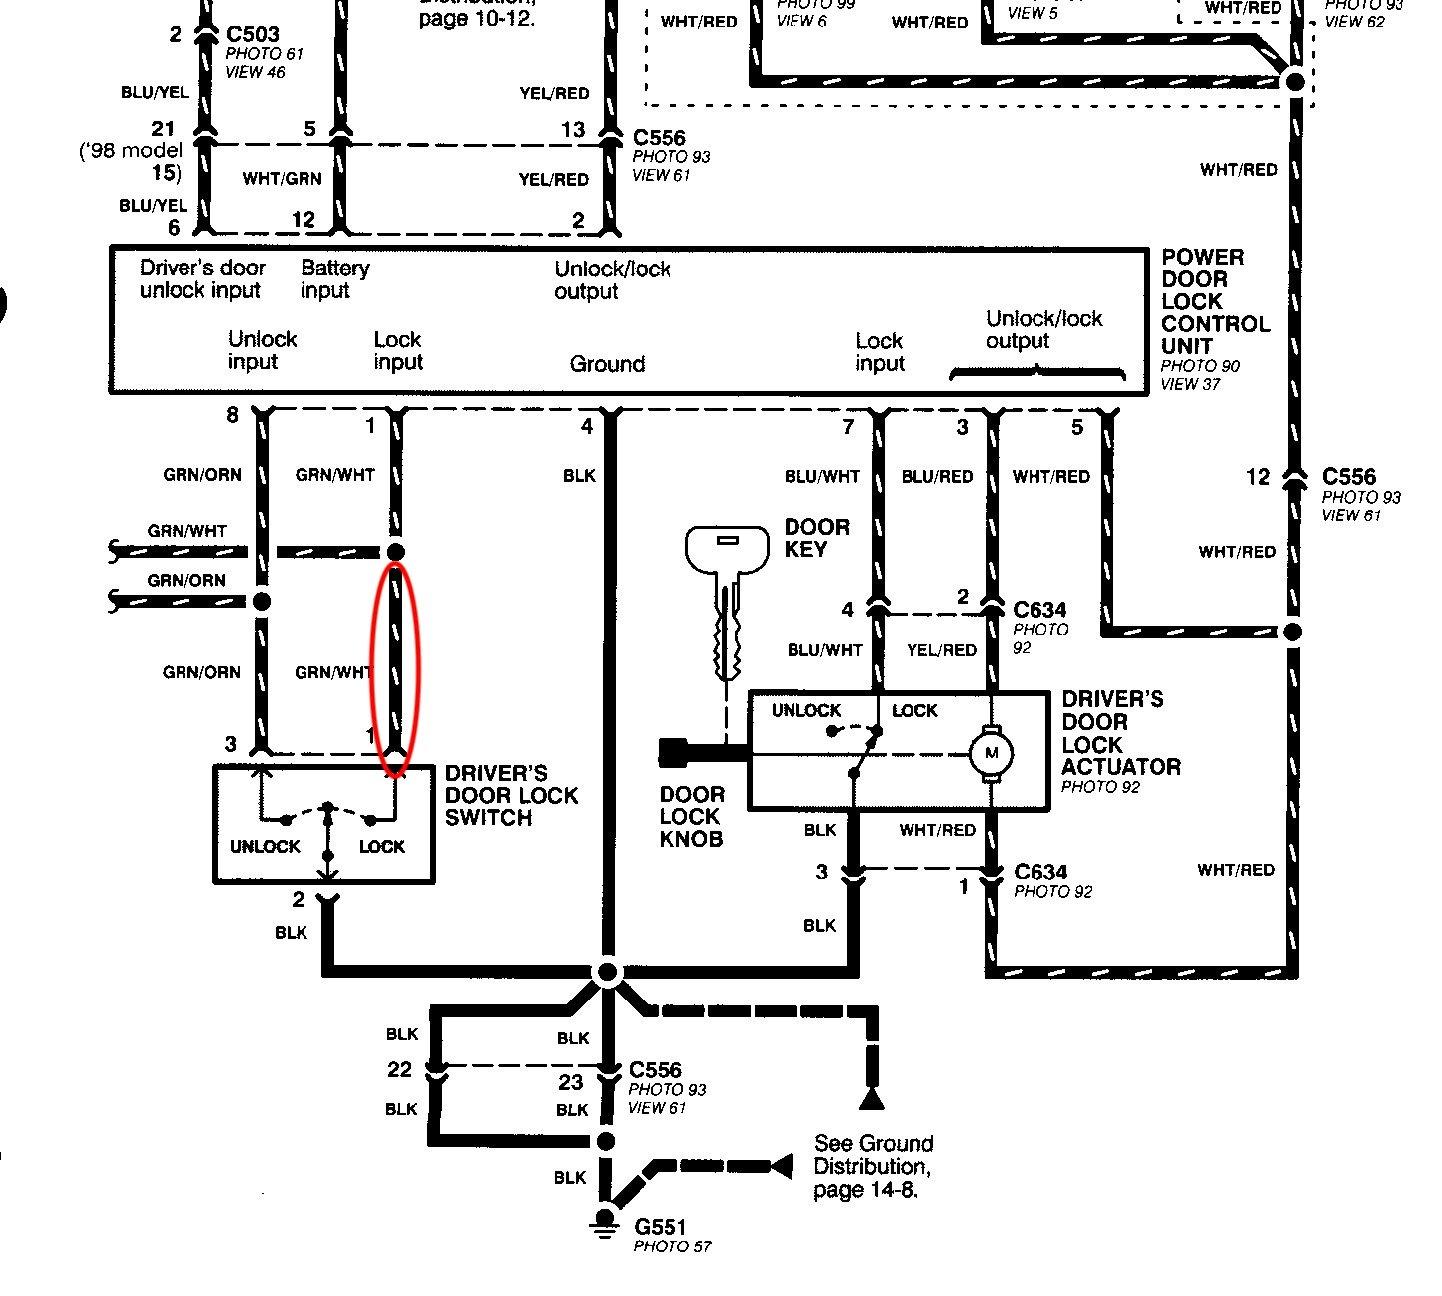 Help with understanding power door lock diagram - Honda-Tech - Honda Forum  DiscussionHonda-Tech